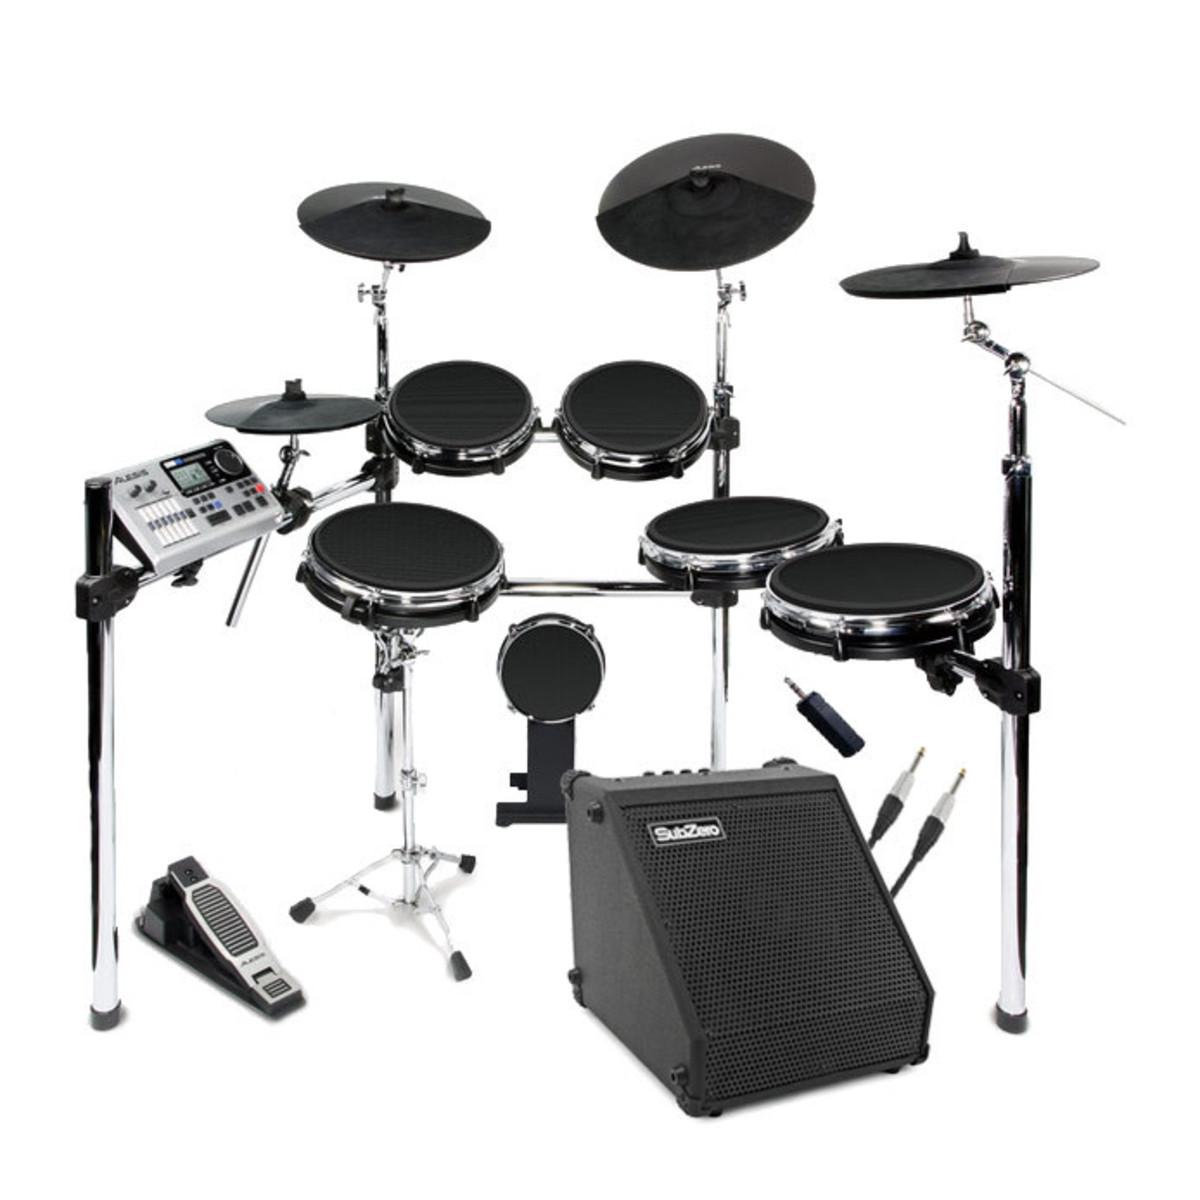 disc alesis dm10 studio kit mesh digital drum kit bundle at